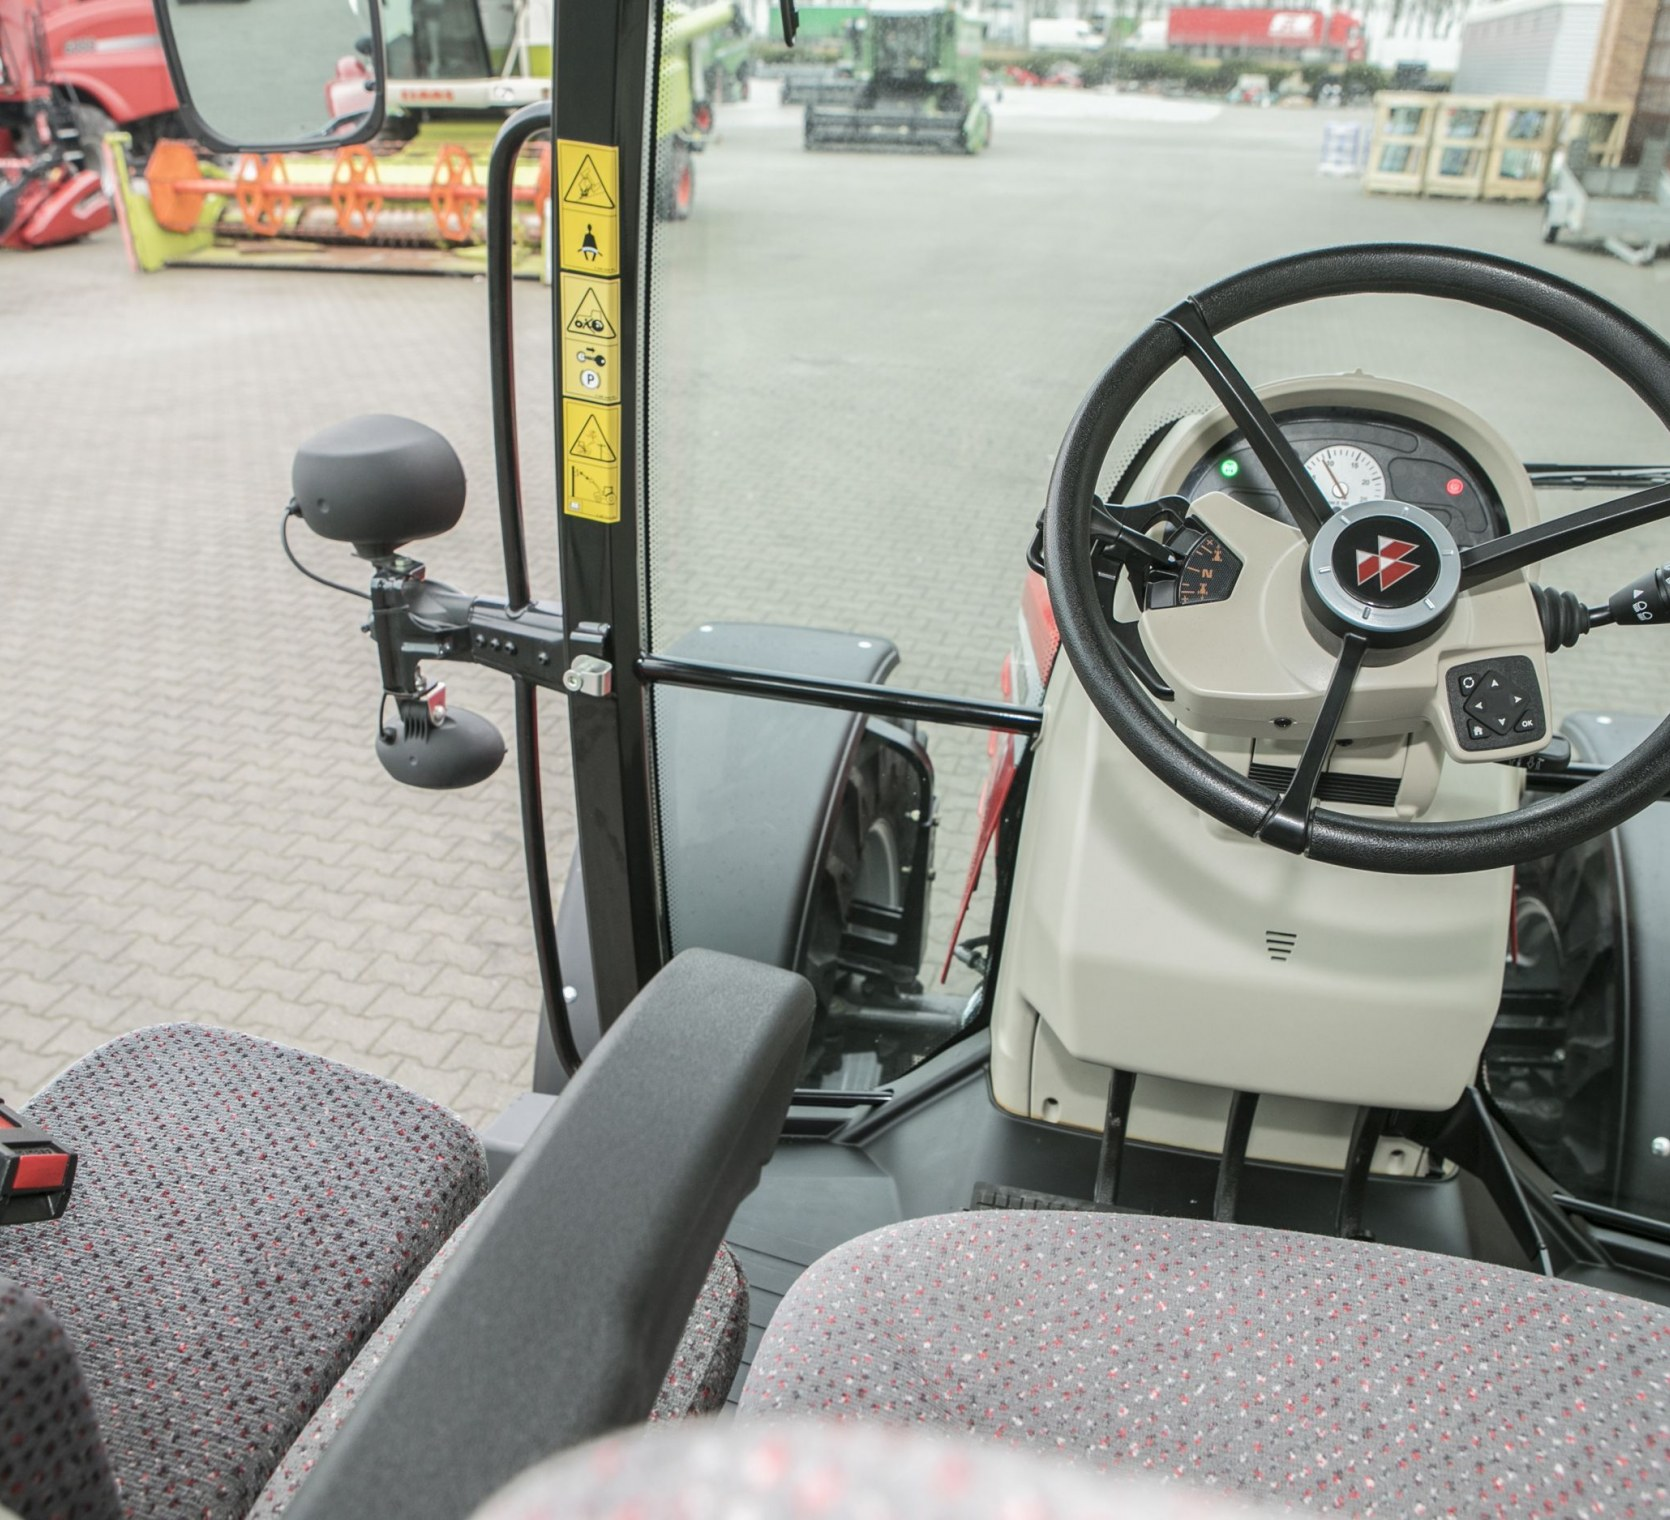 Zdjęcie po ukosie kolumny kierowniczej przedniej szyby oraz widoku patrząc w bok z kabiny MF 5611